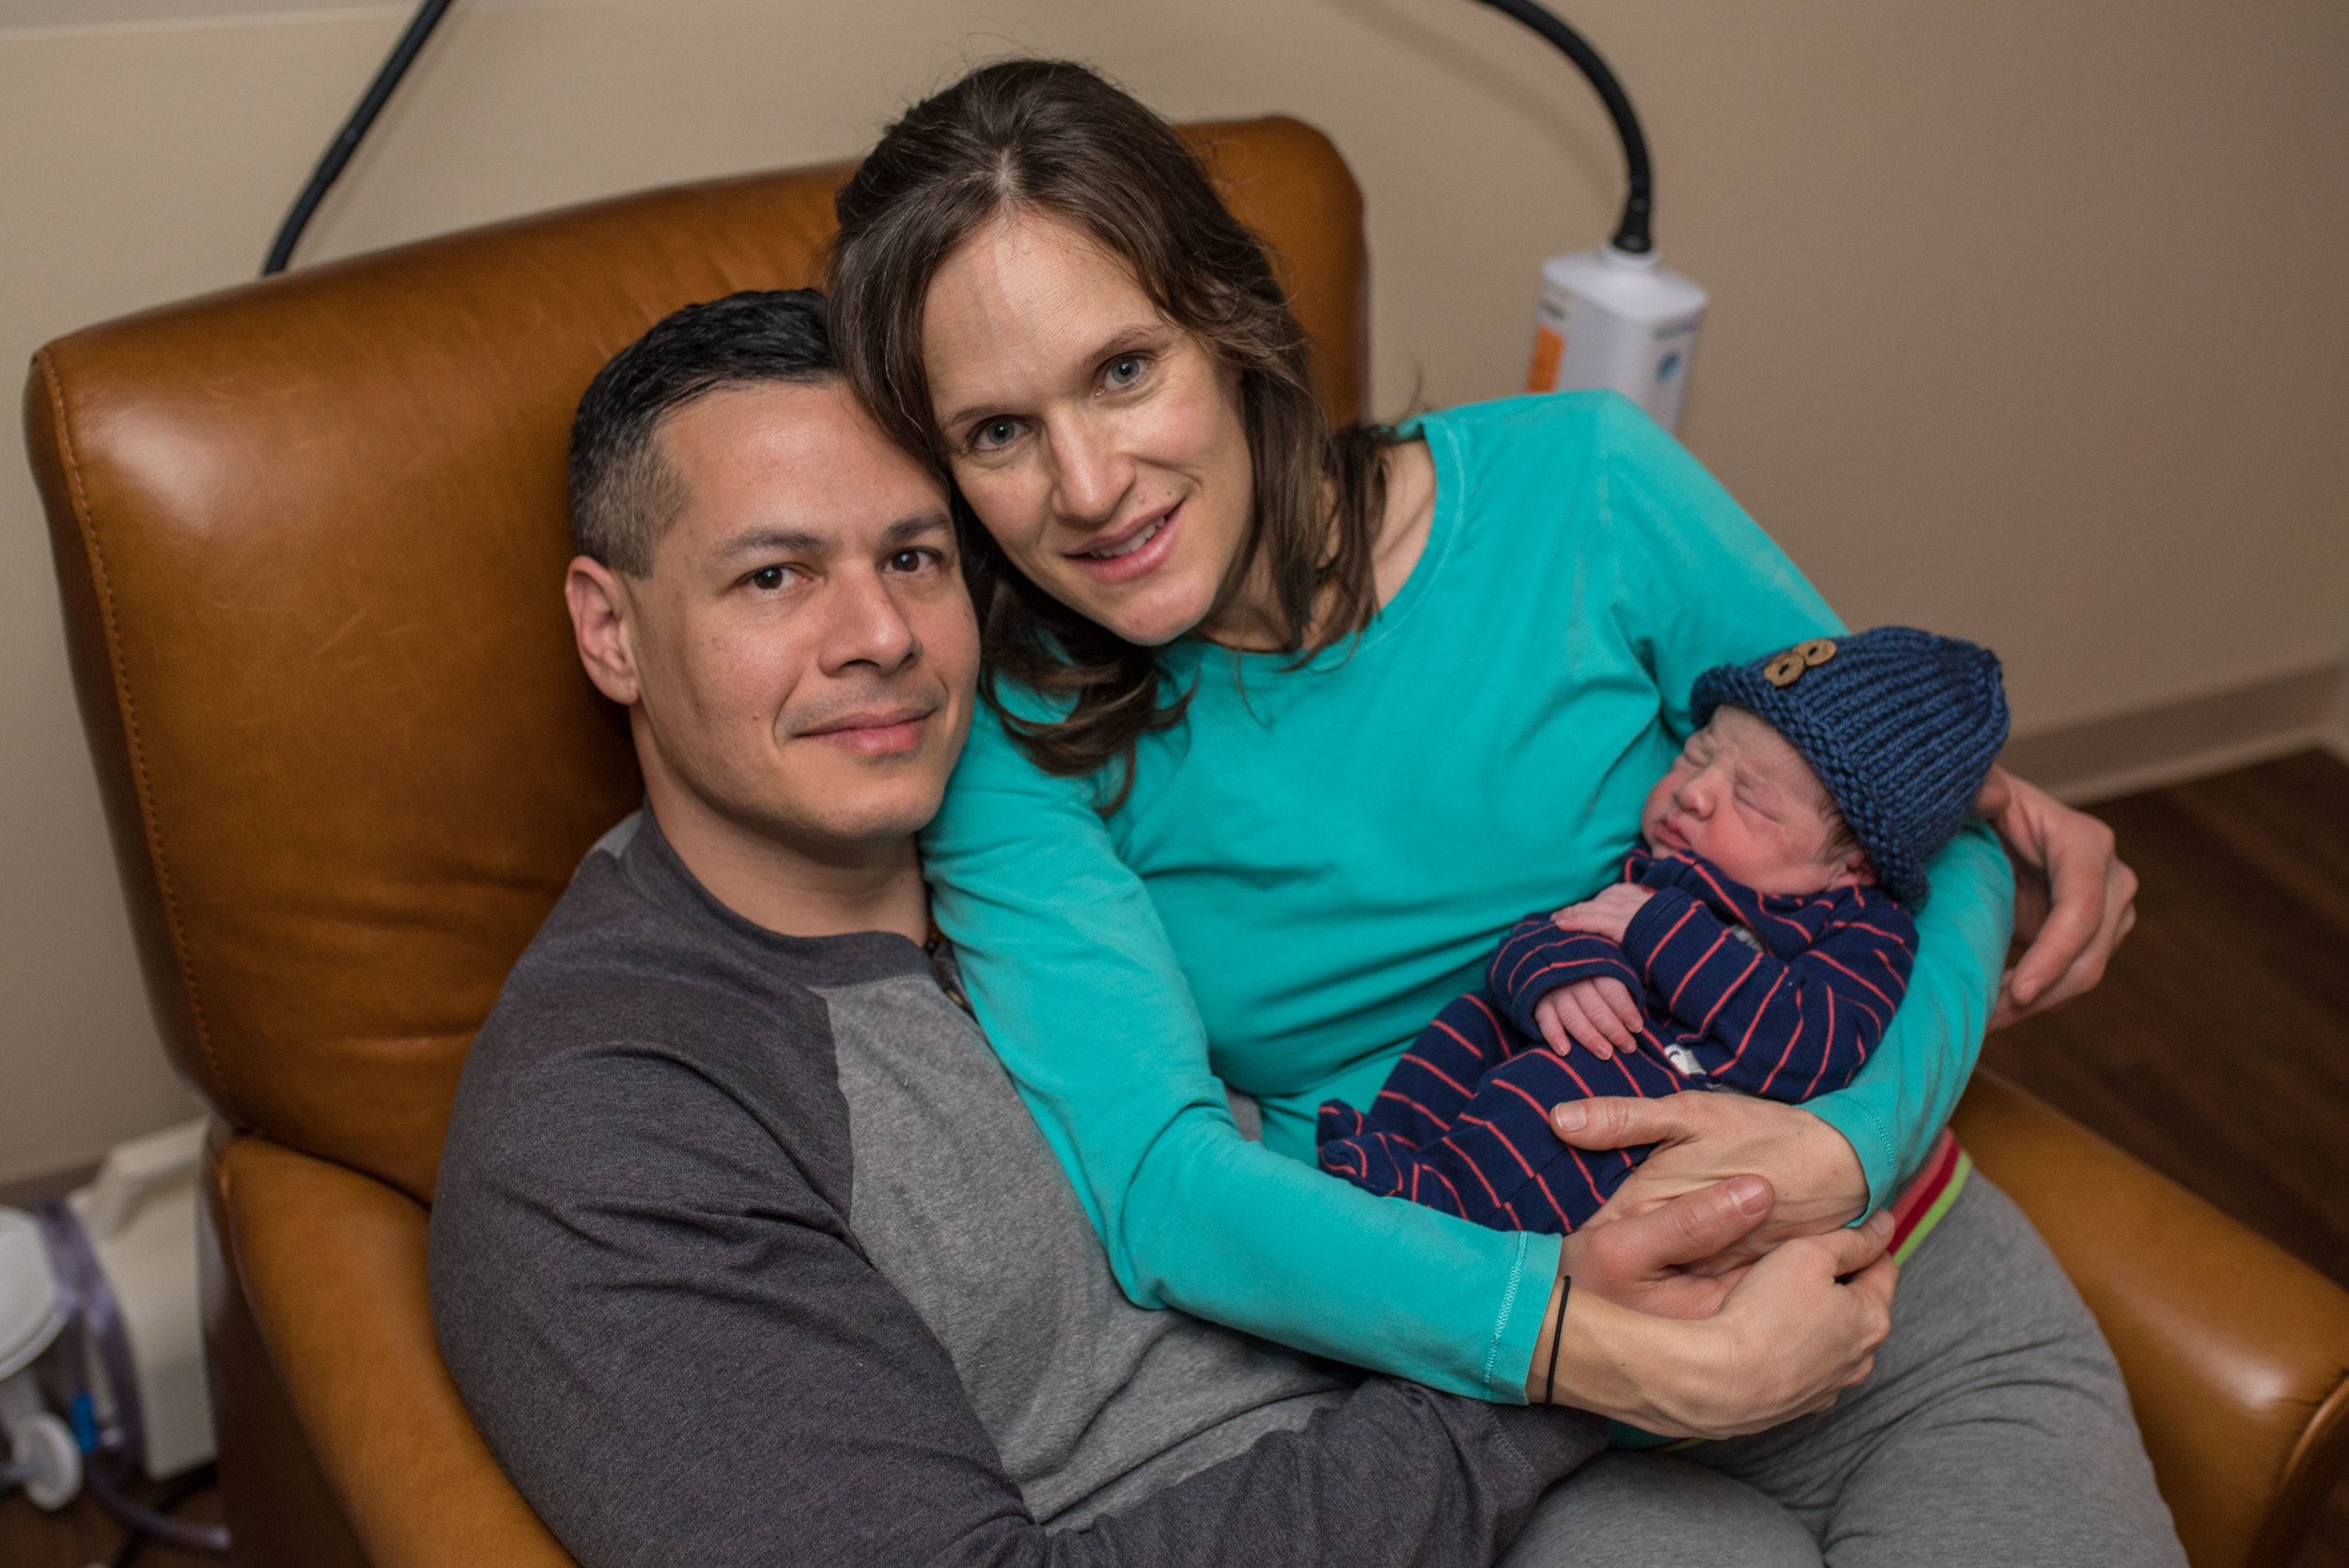 065-UF-birth-center-jacksonville-birth-photographer.JPG